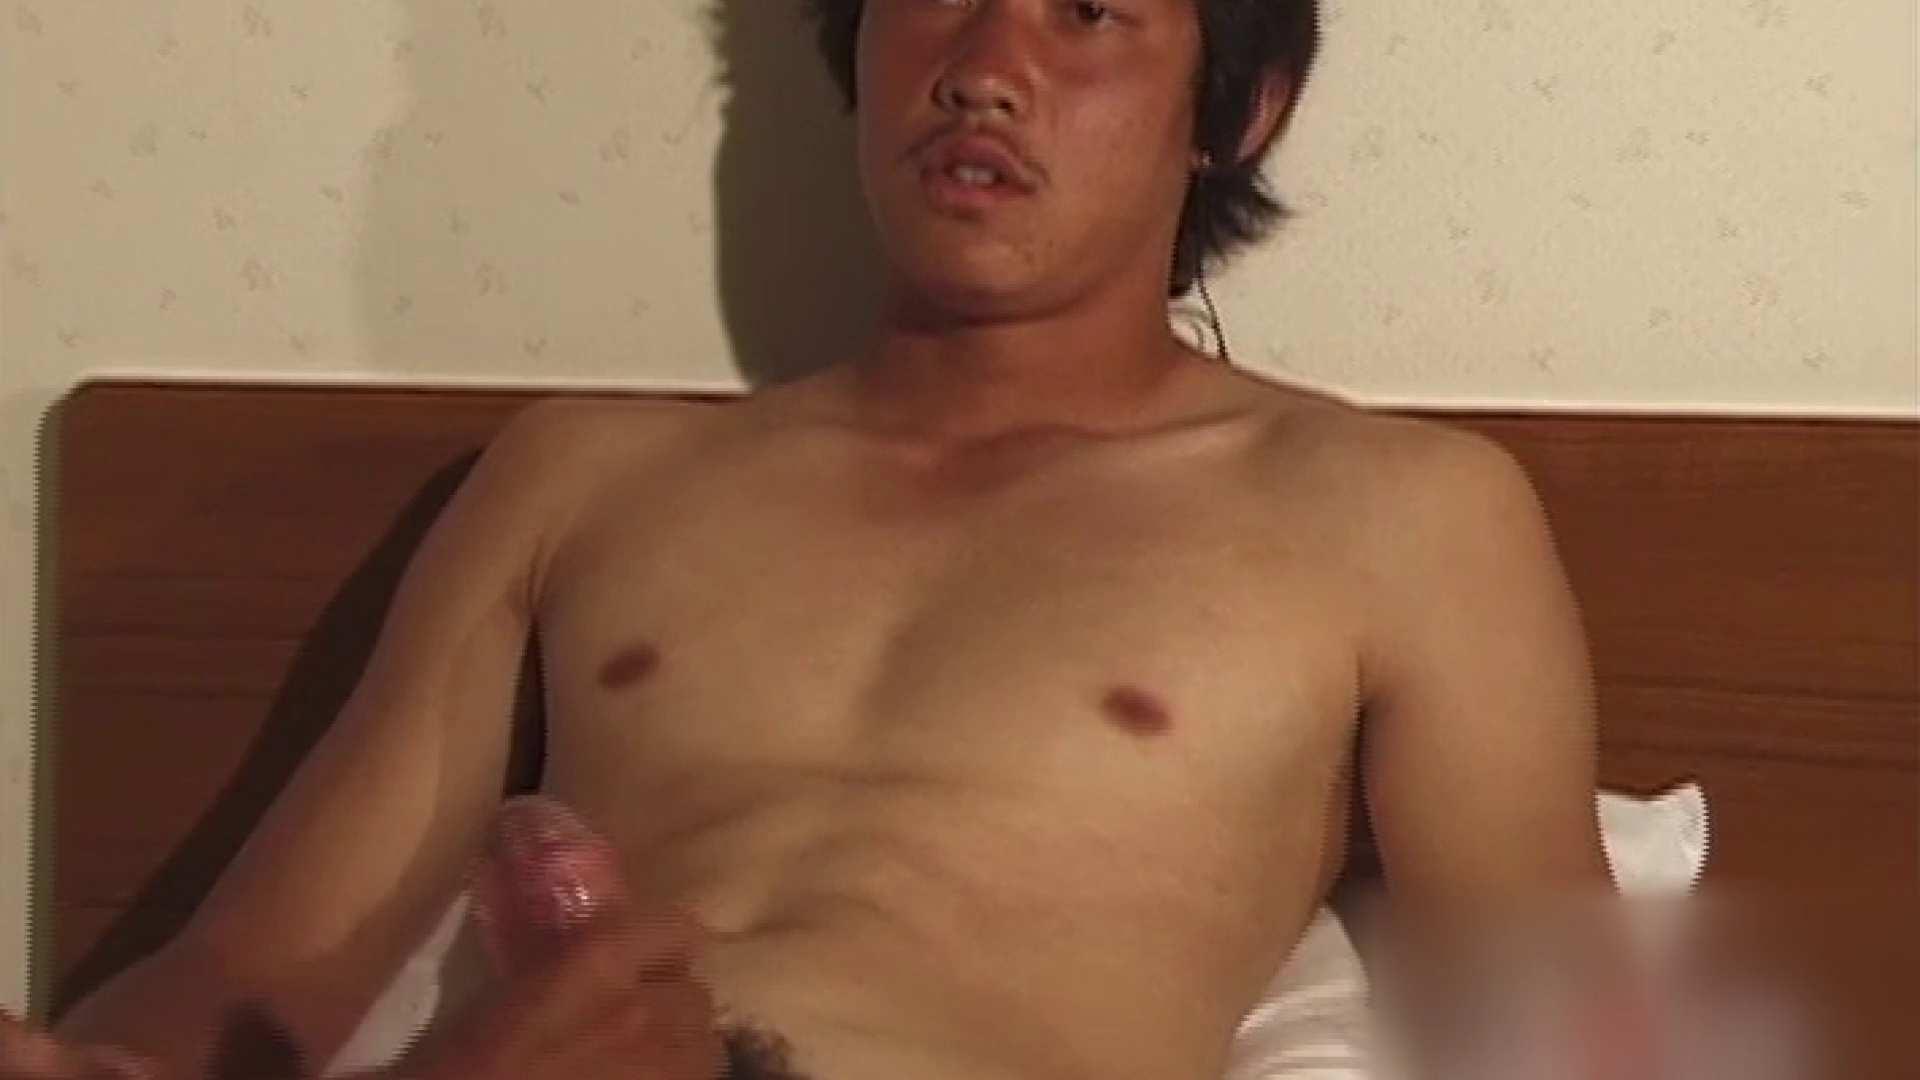 珍肉も筋肉の内!!vol.6 ローション ゲイ無修正動画画像 110枚 19